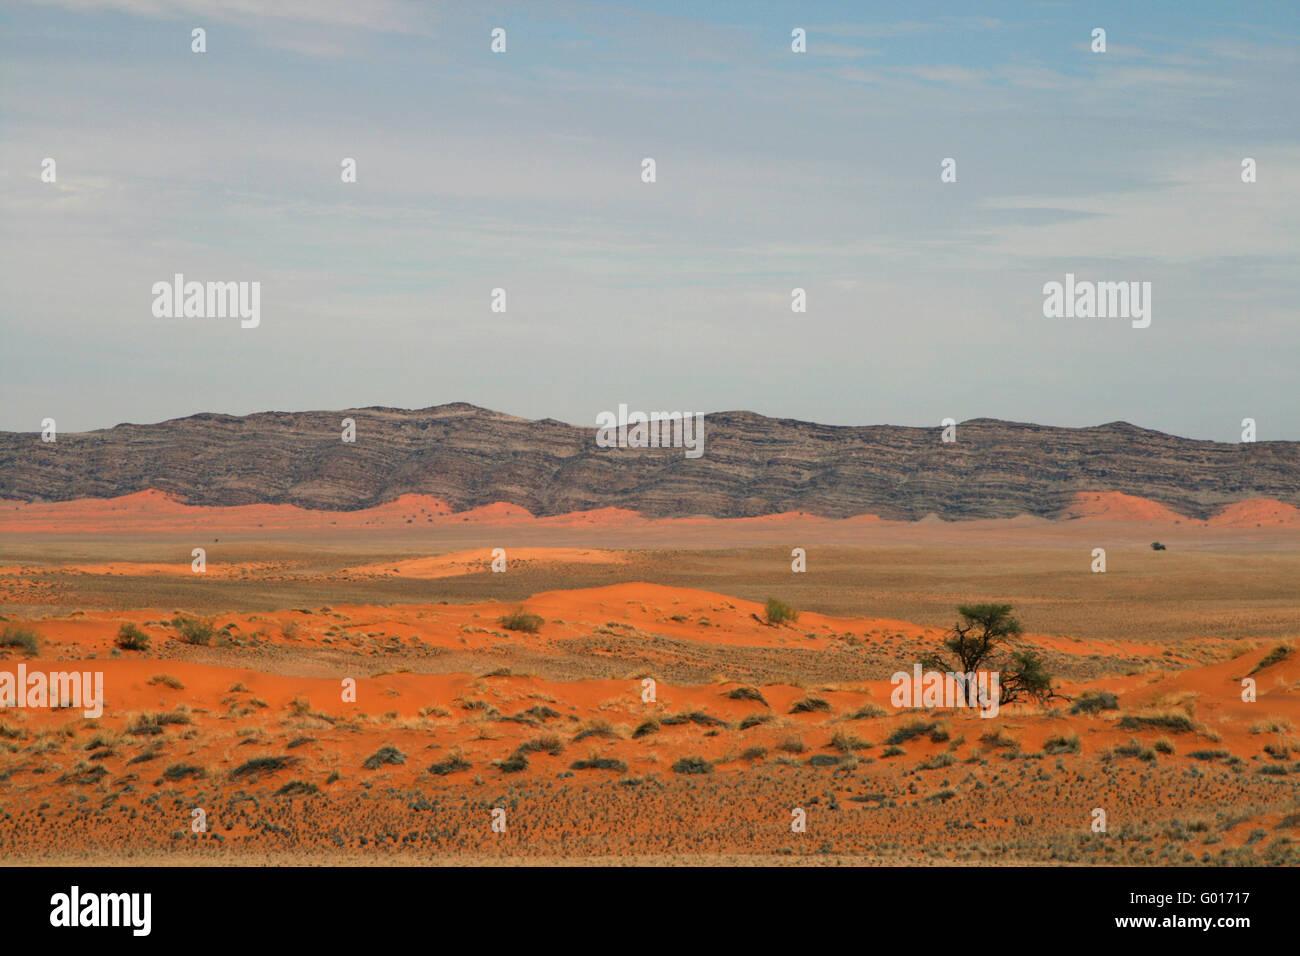 Namibia Landscape - Stock Image